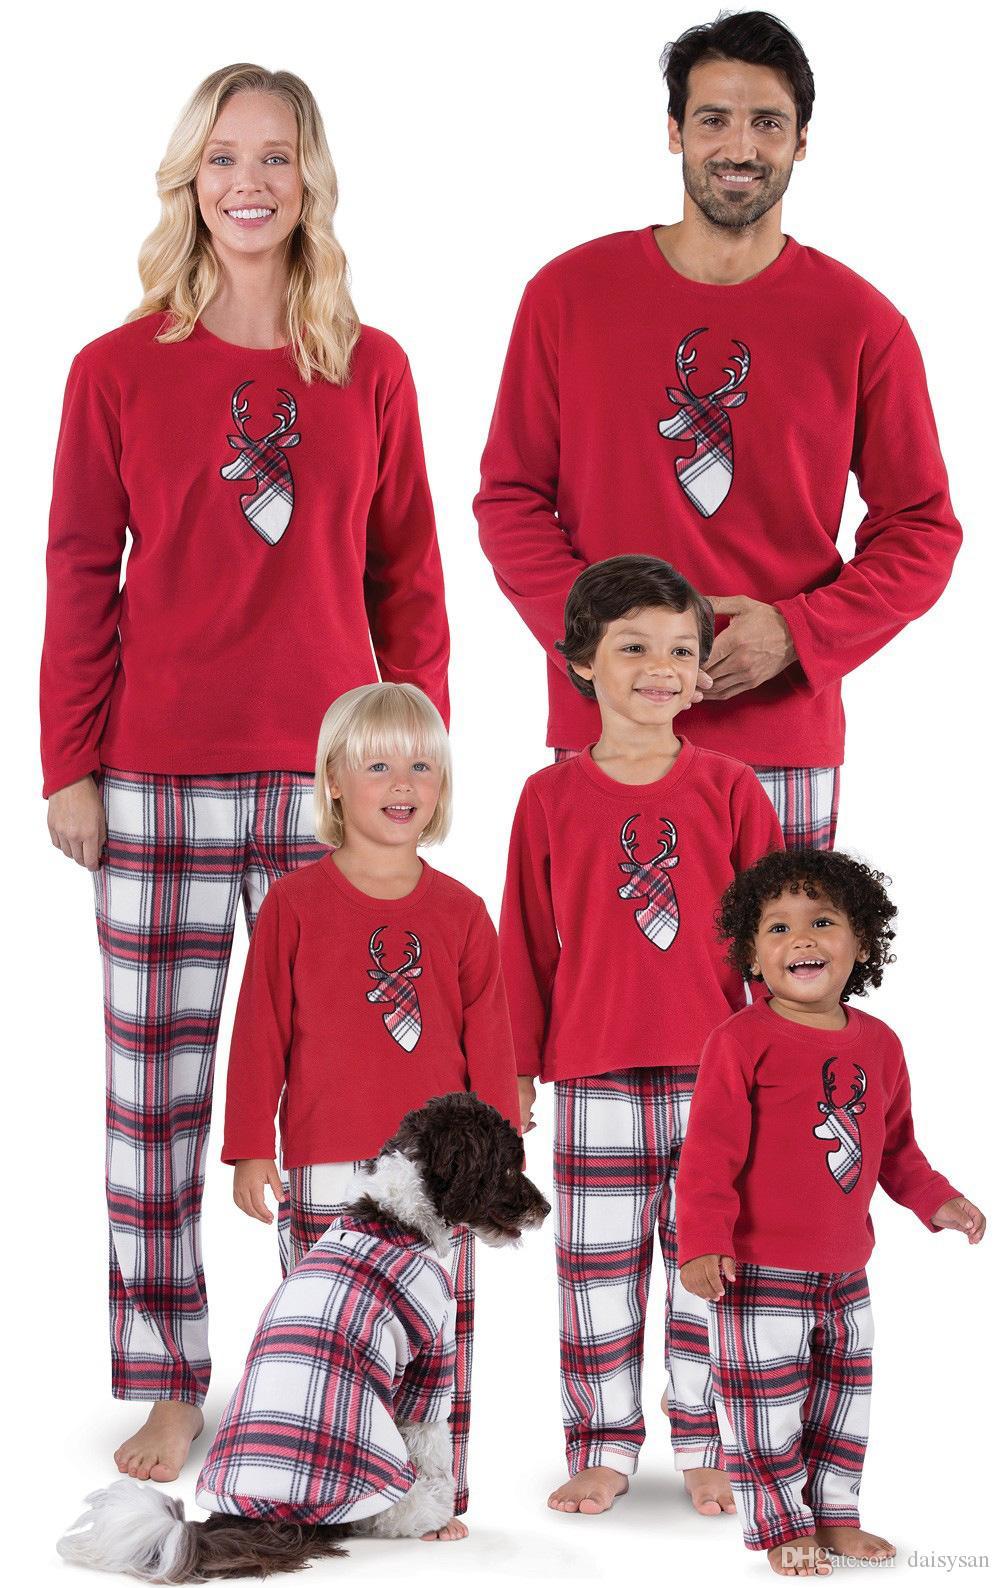 Рождественский пижамный комплект для всей семьи Xmas Sleepwear Parent-Child Nightwear Дед Мороз с принтом топы + брюки в клетку